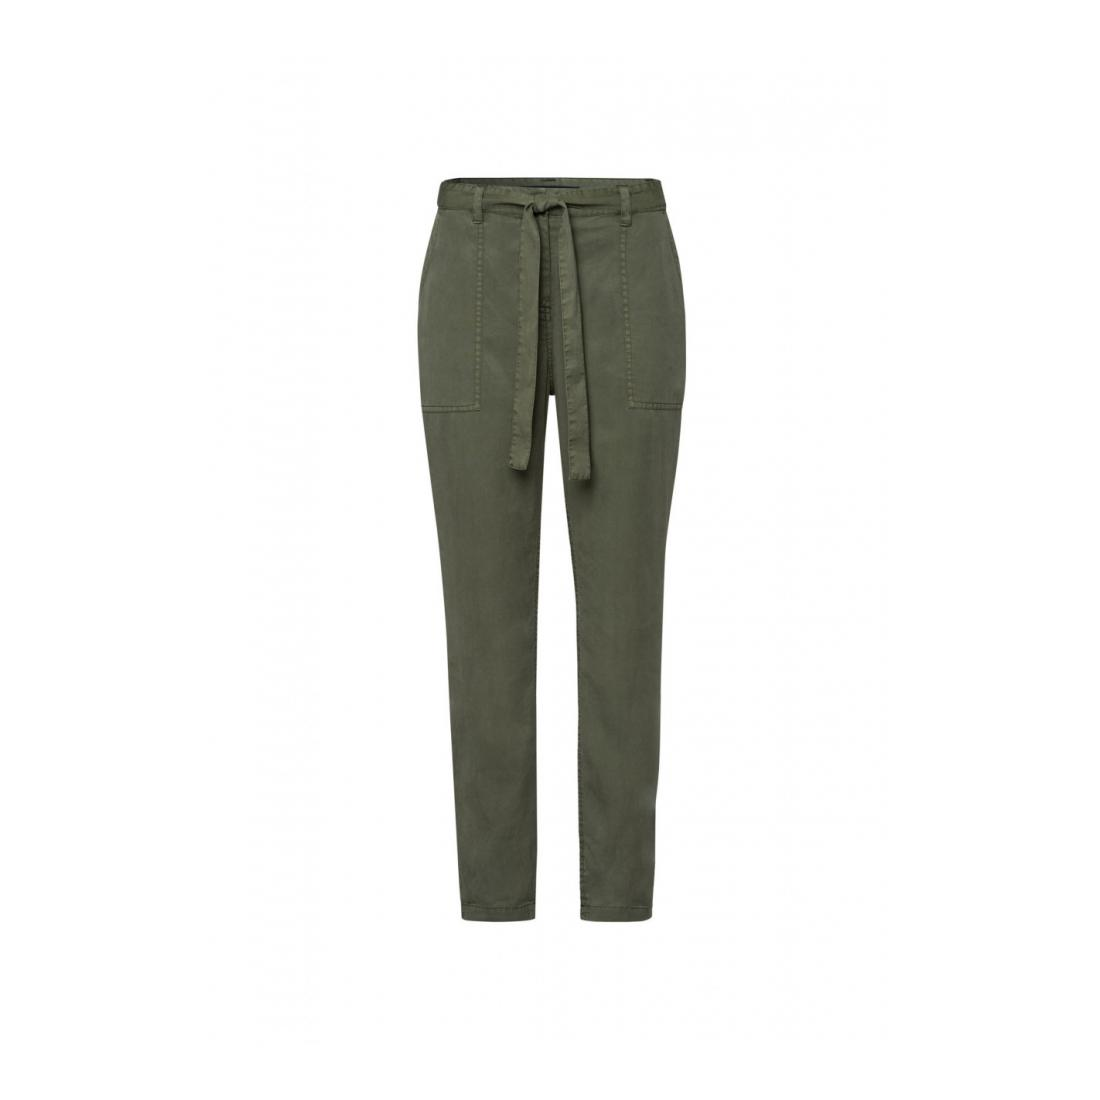 Zero Joggingpants/Leggins Damen Pants Utility 28 Inch L-p